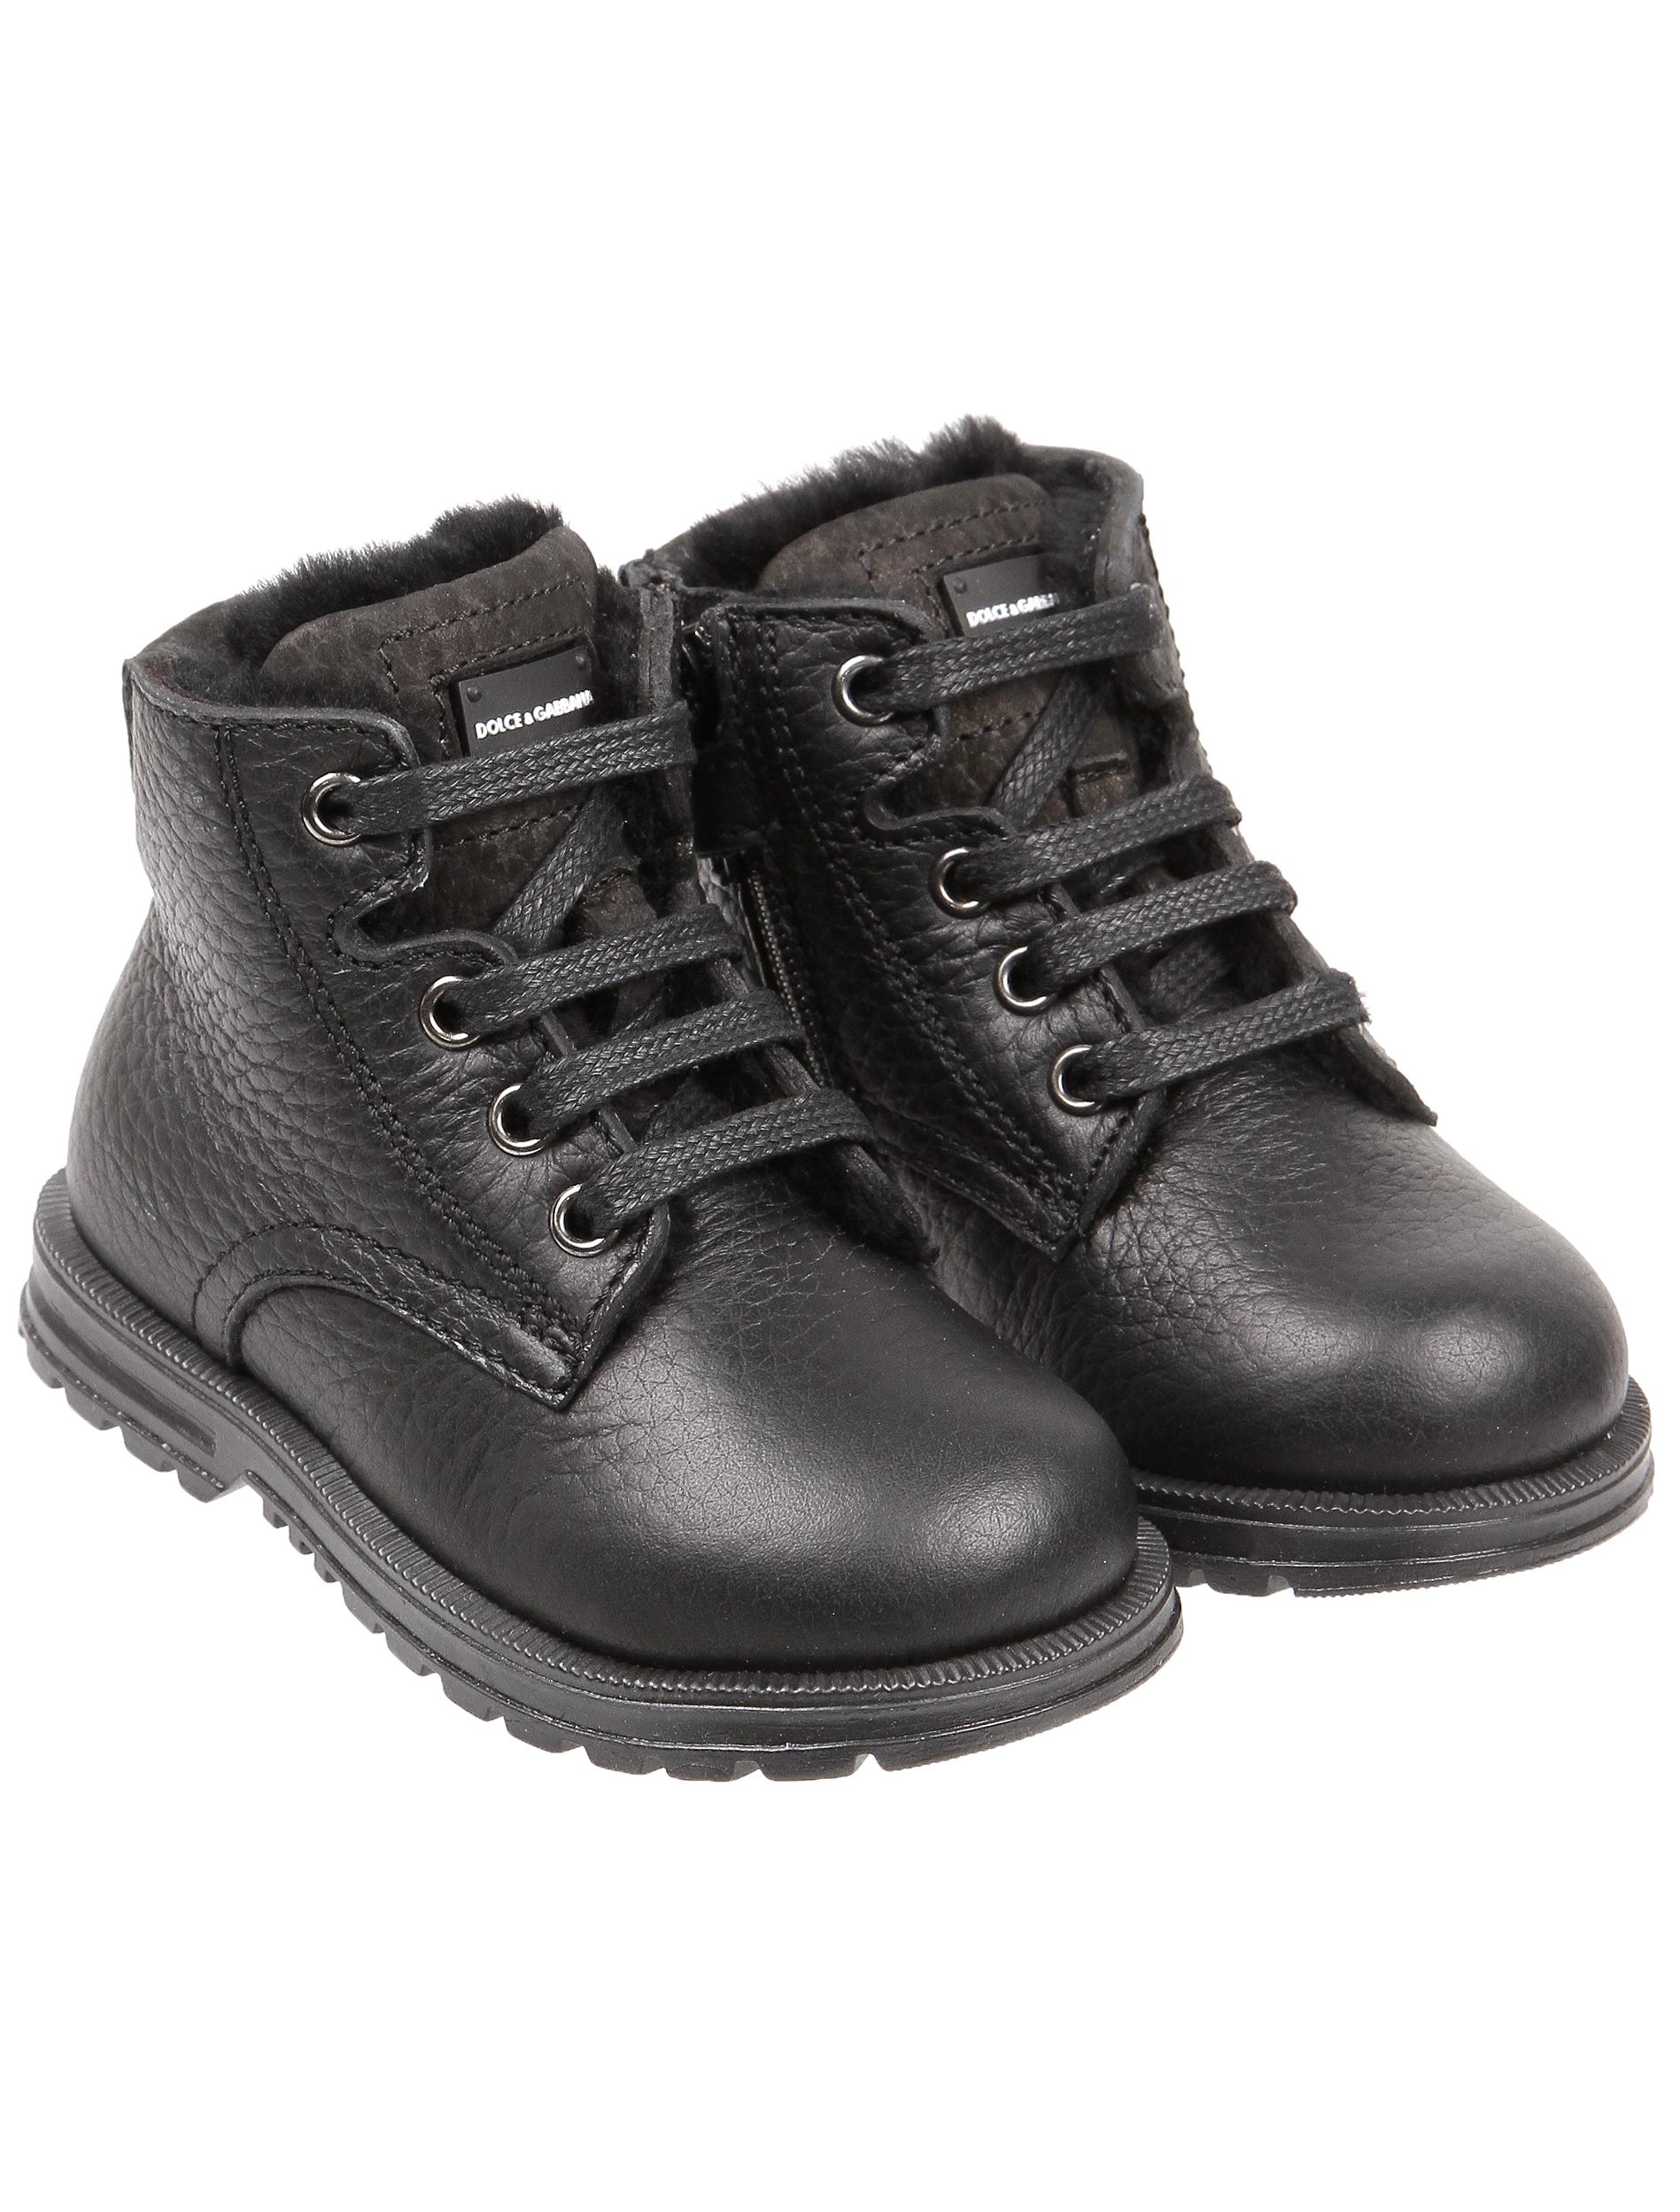 Купить 1845439, Ботинки Dolce & Gabbana, черный, Мужской, 2031119880229